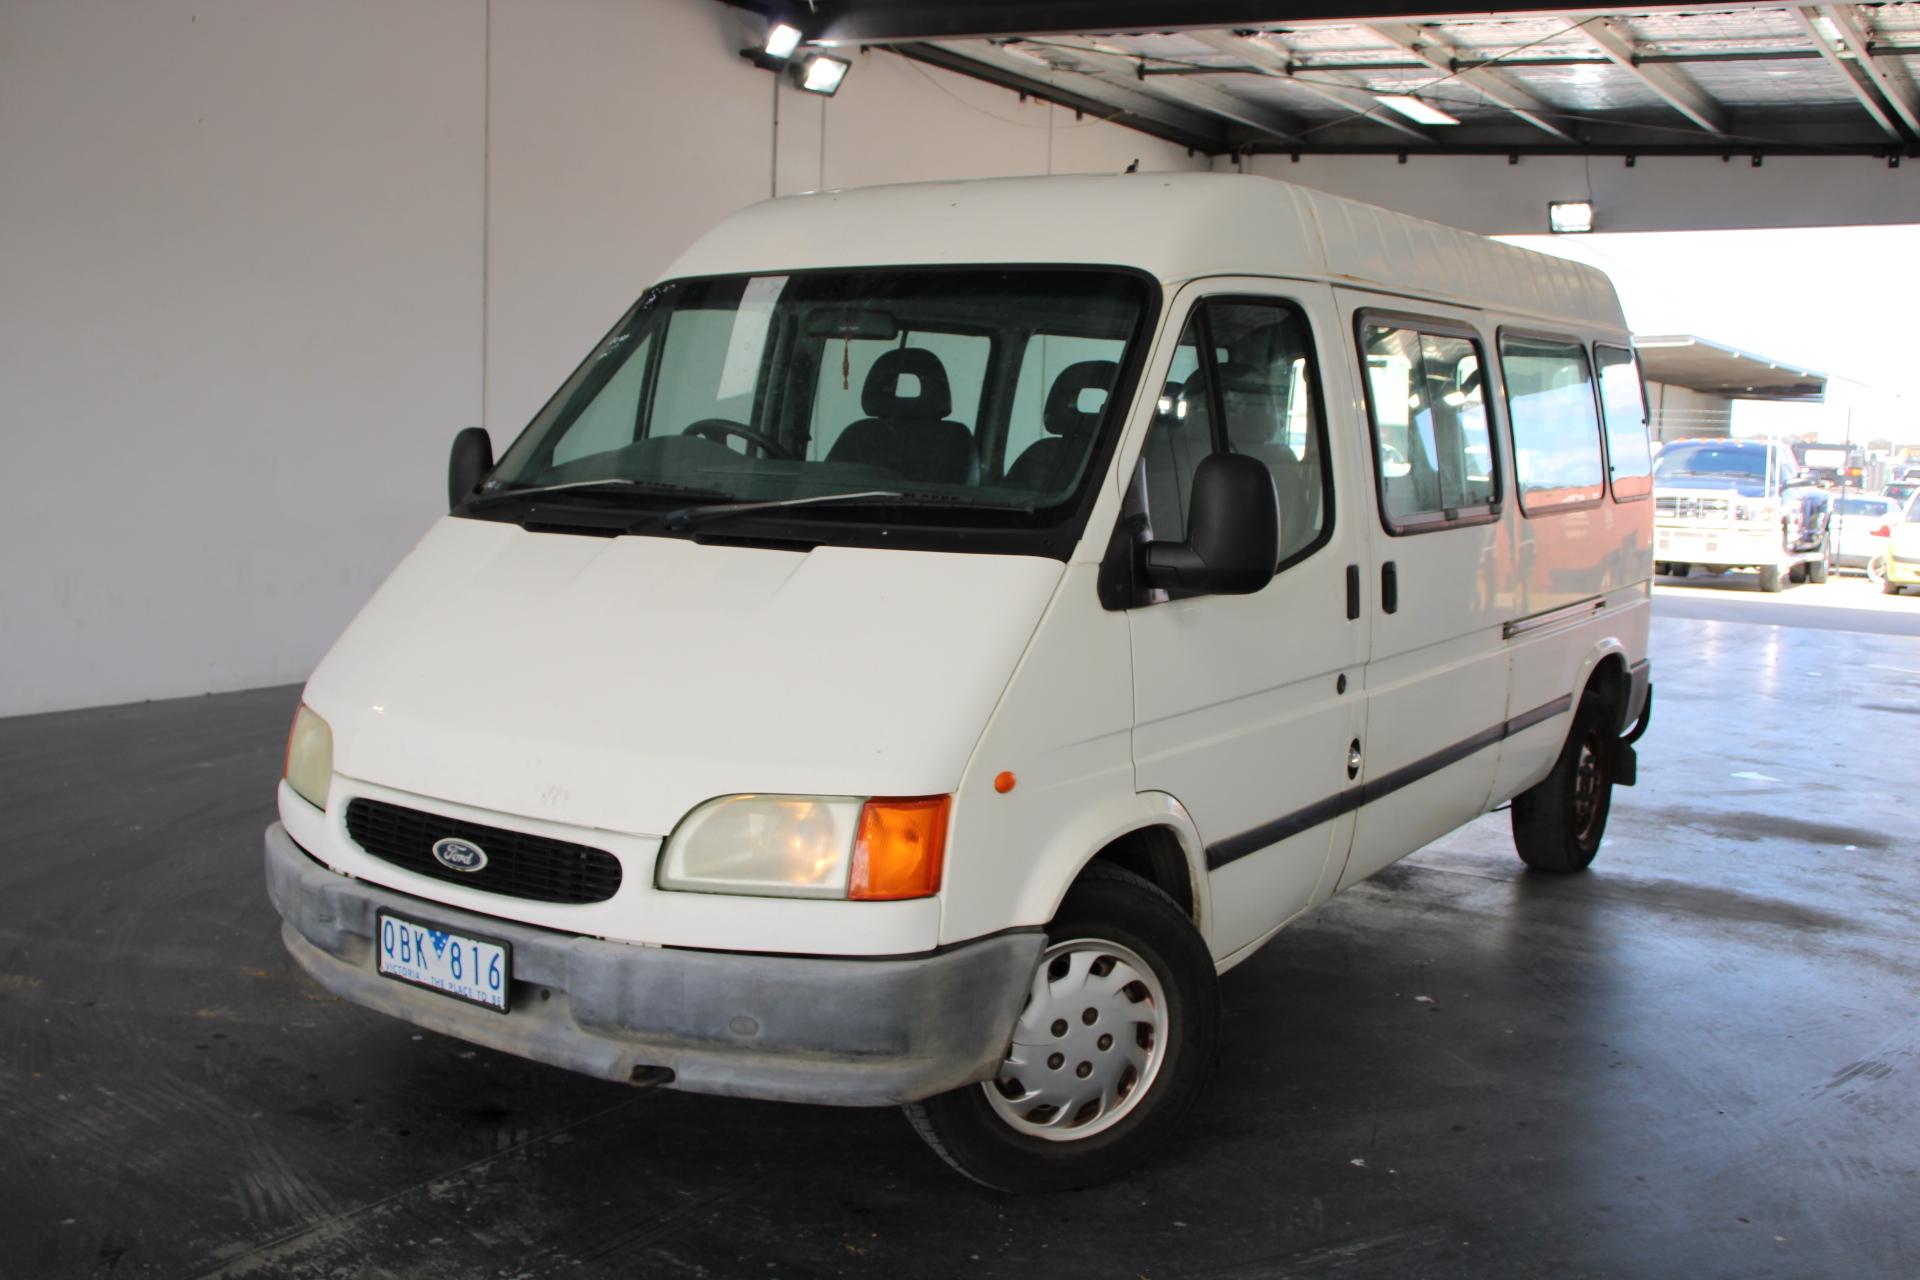 1999 Ford Transit 12 SEAT VG Turbo Diesel Manual Bus